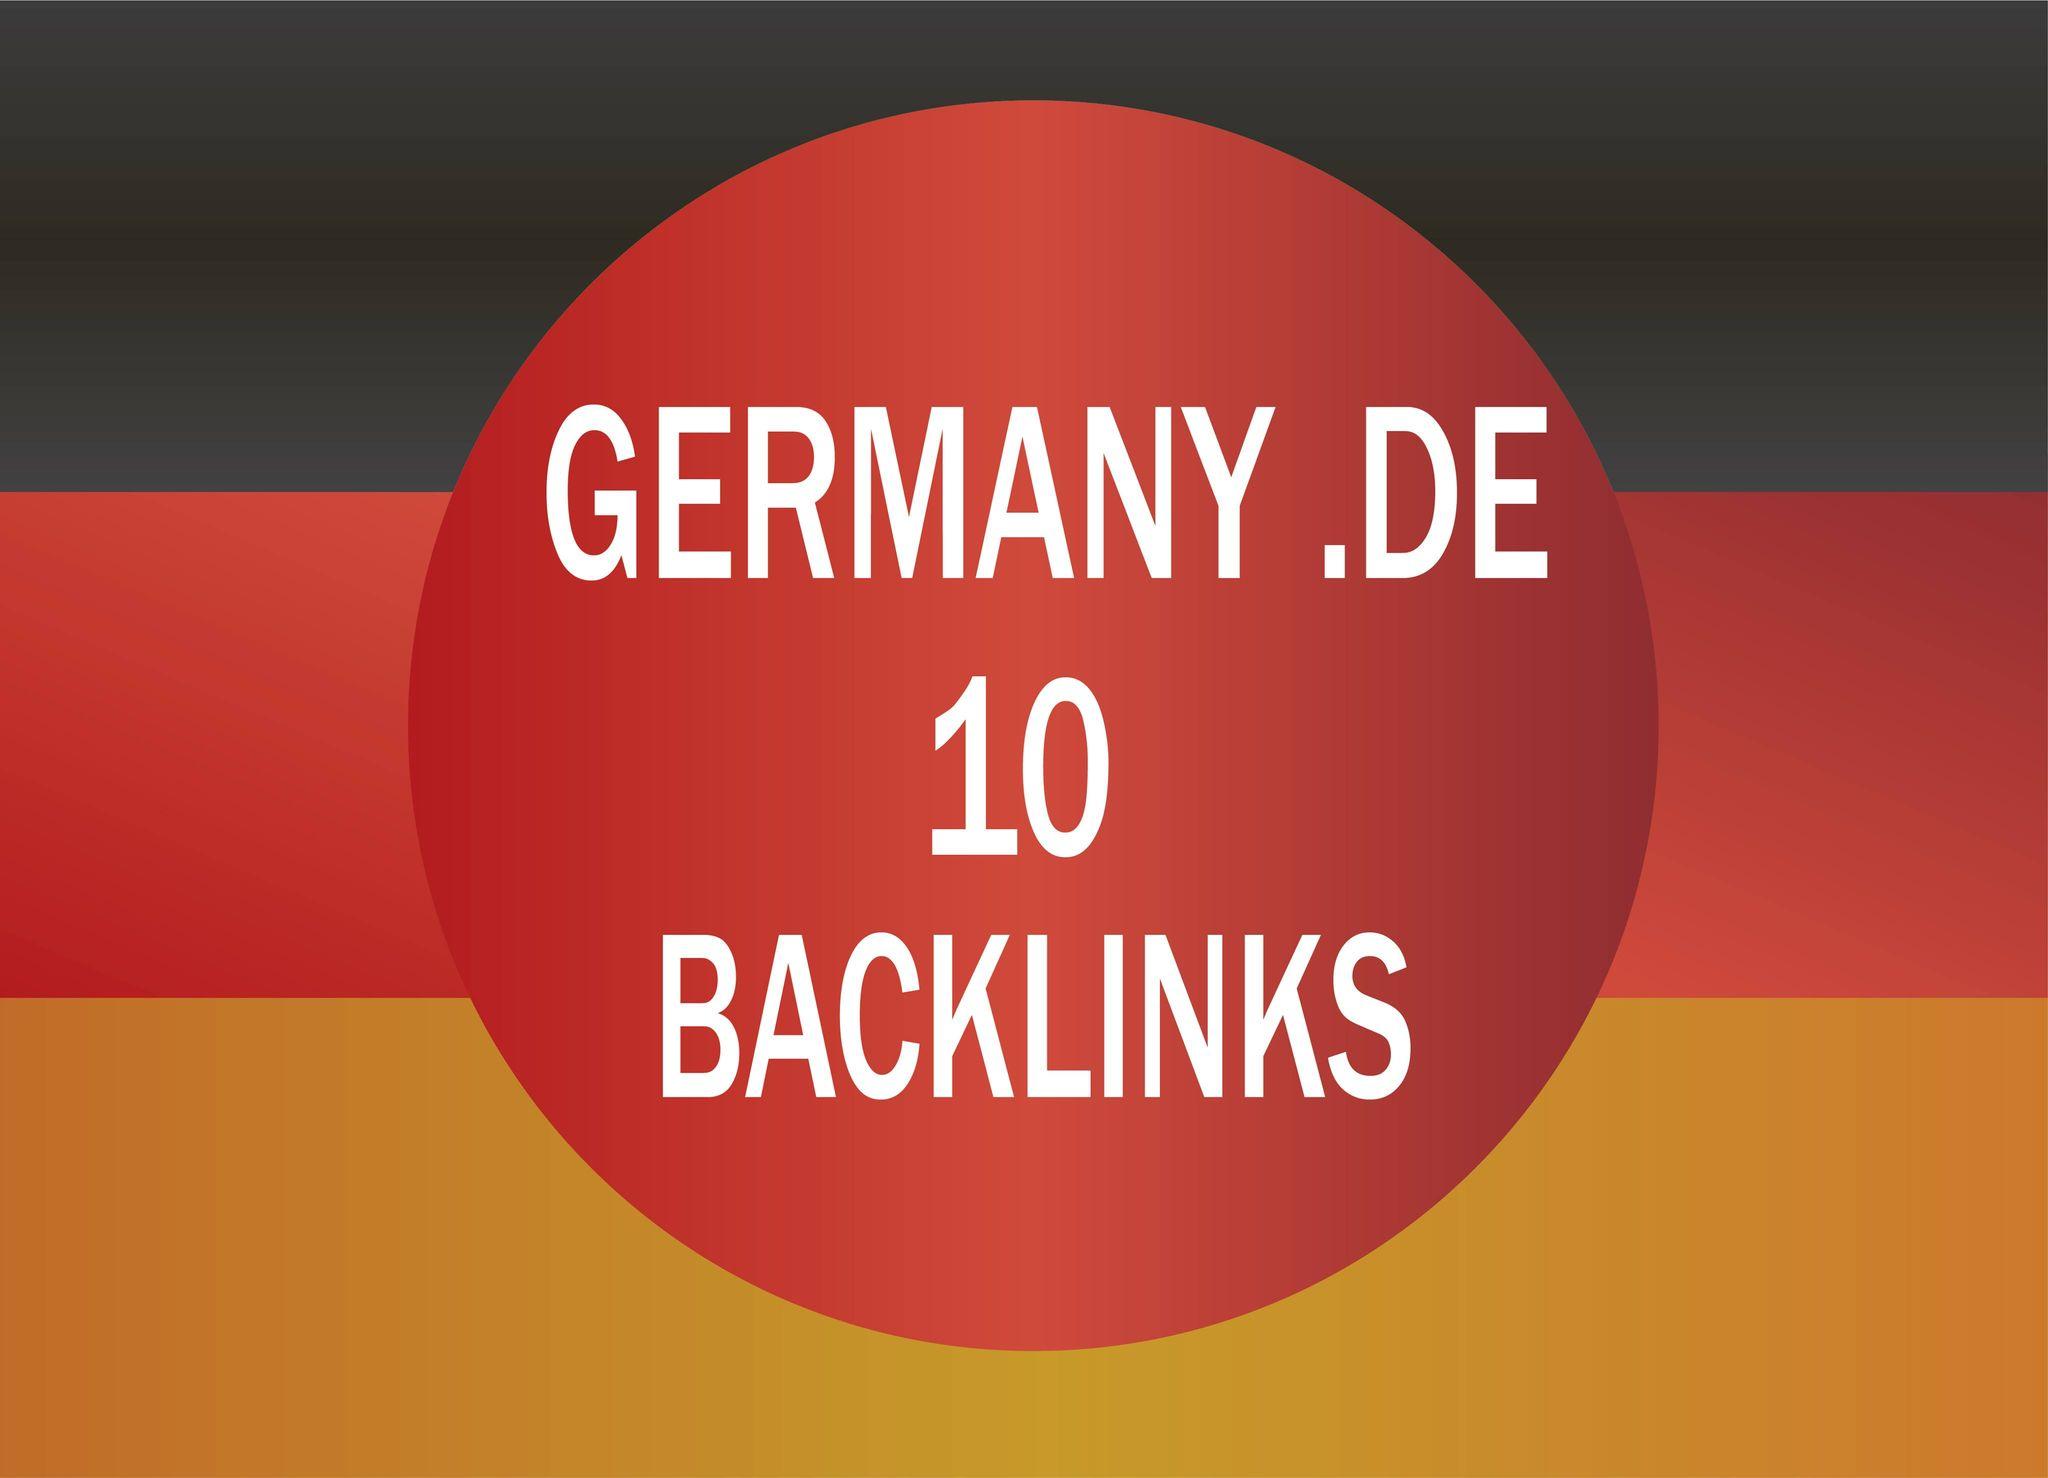 provide 10 .de germany dofollow backlinks manual work